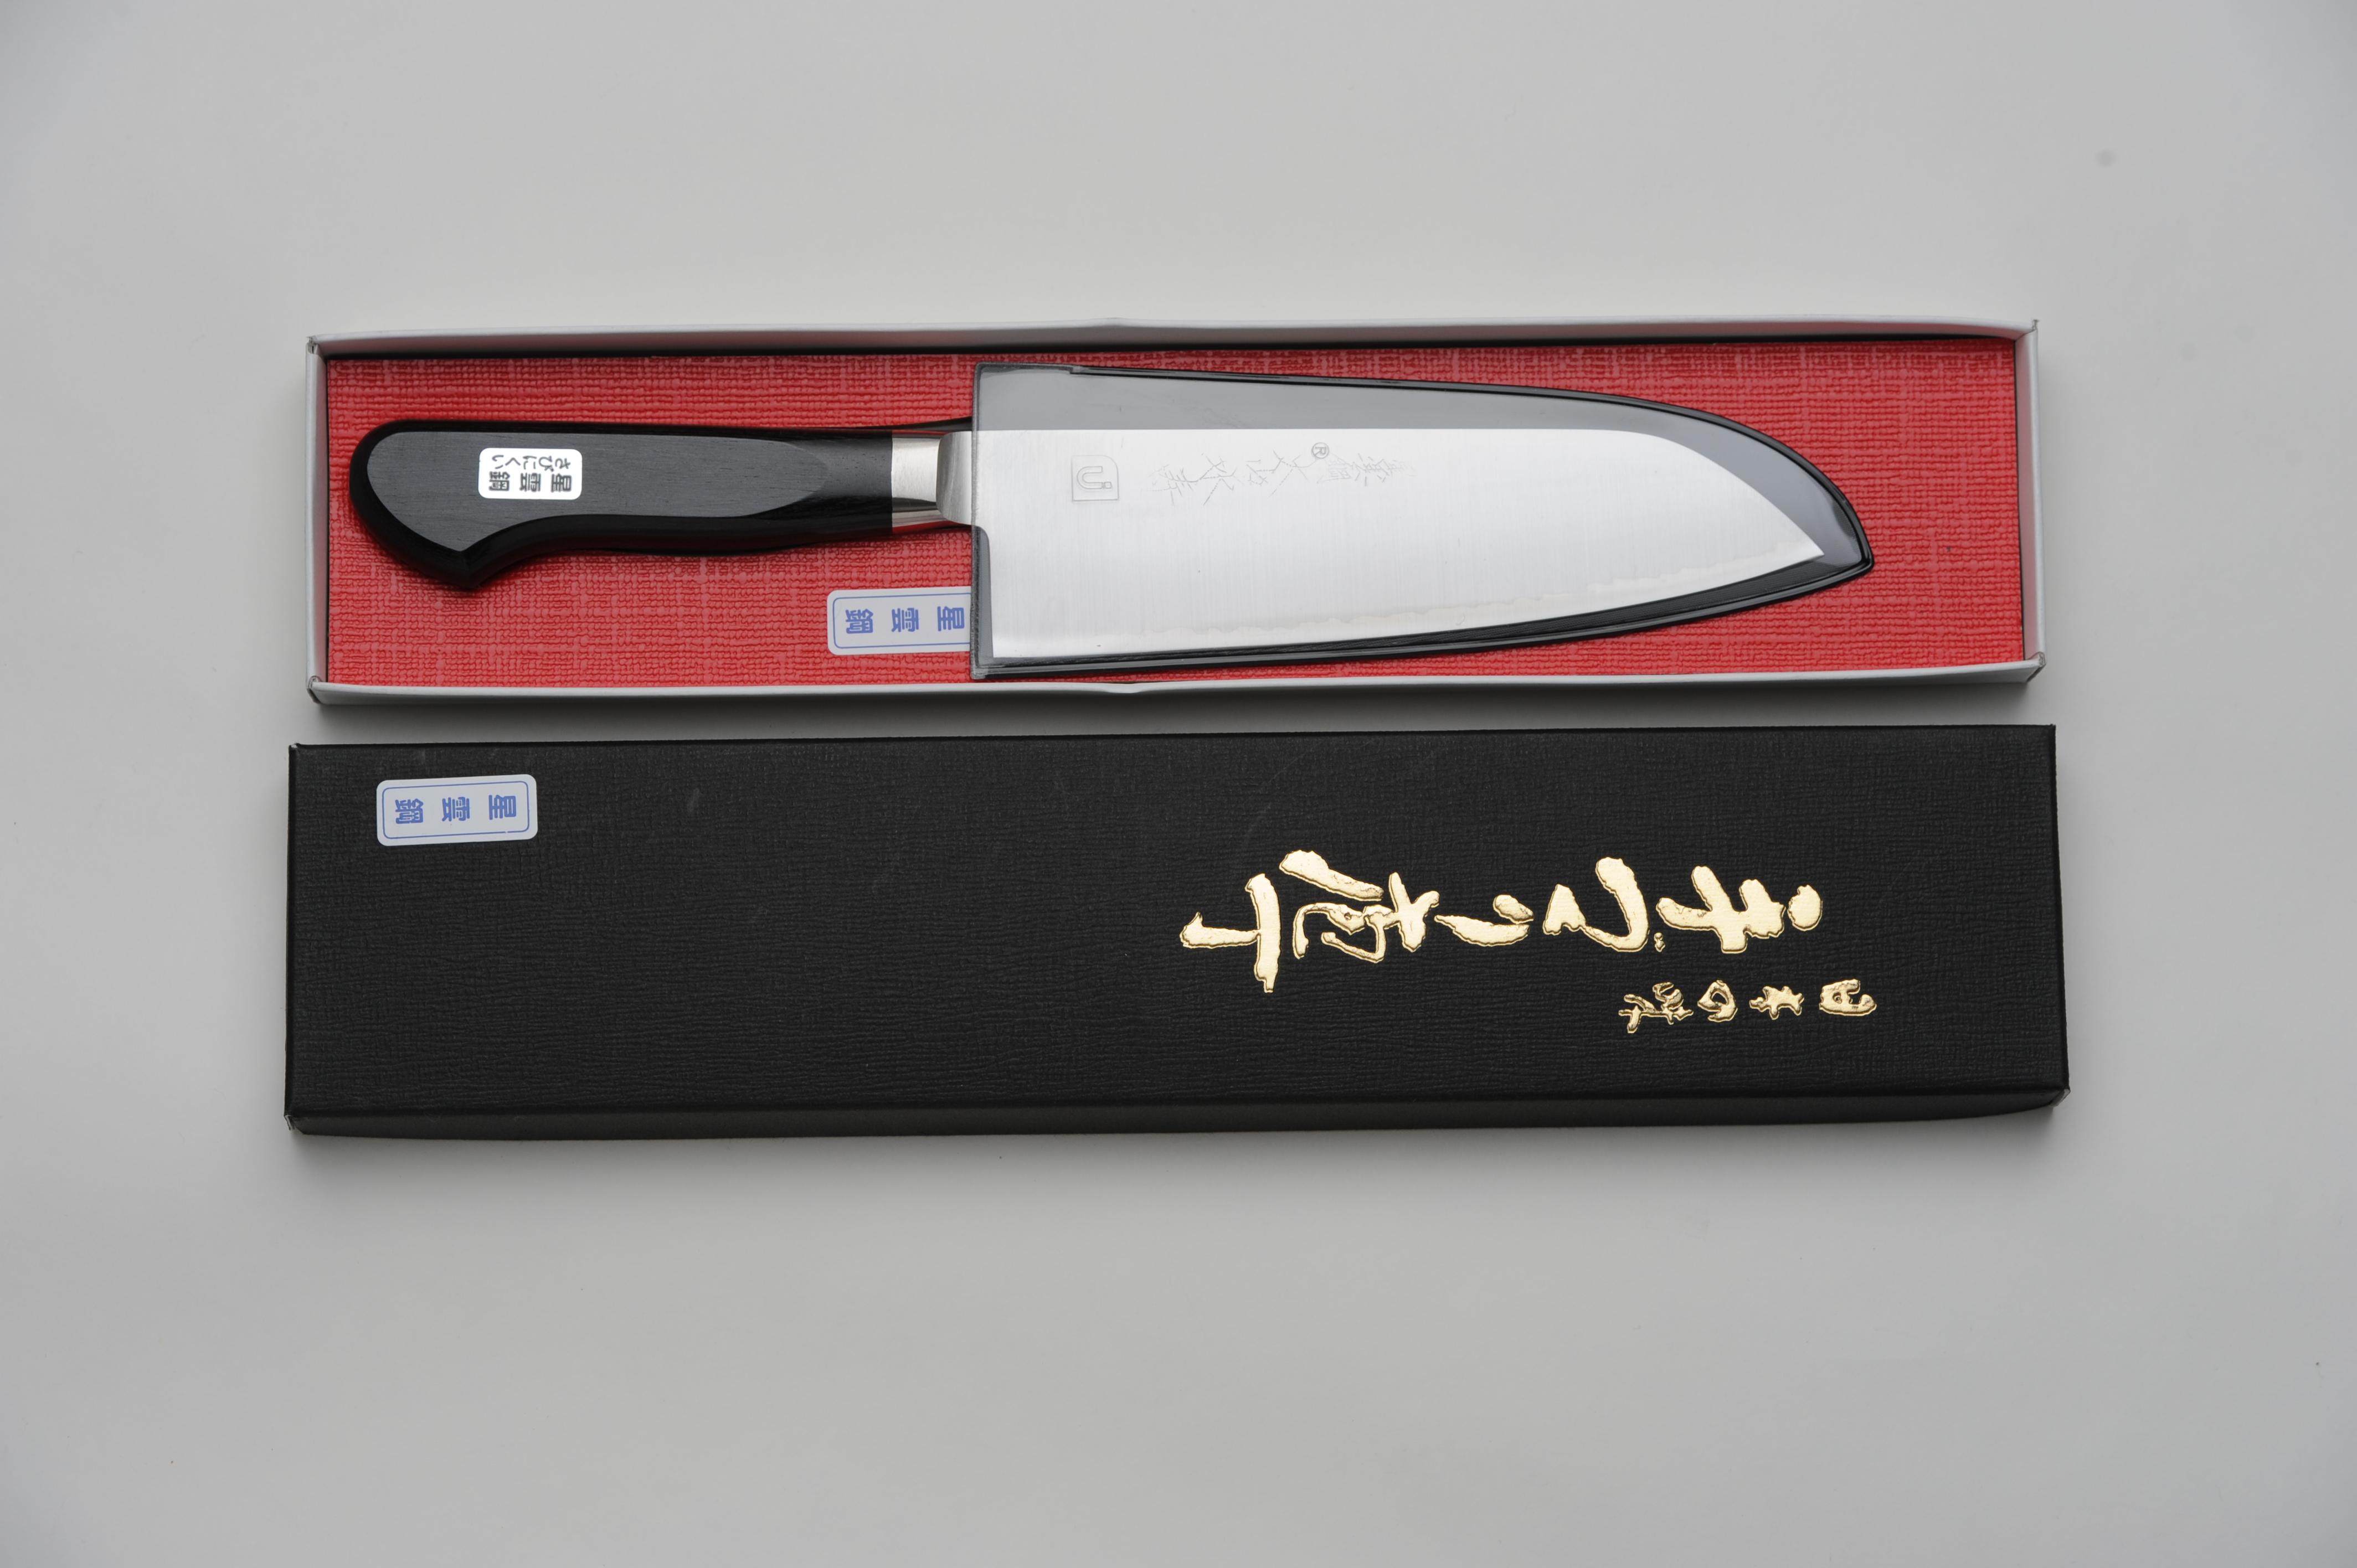 oyama santoku bocho multipurpose kitchen knife 165mm 6 5in